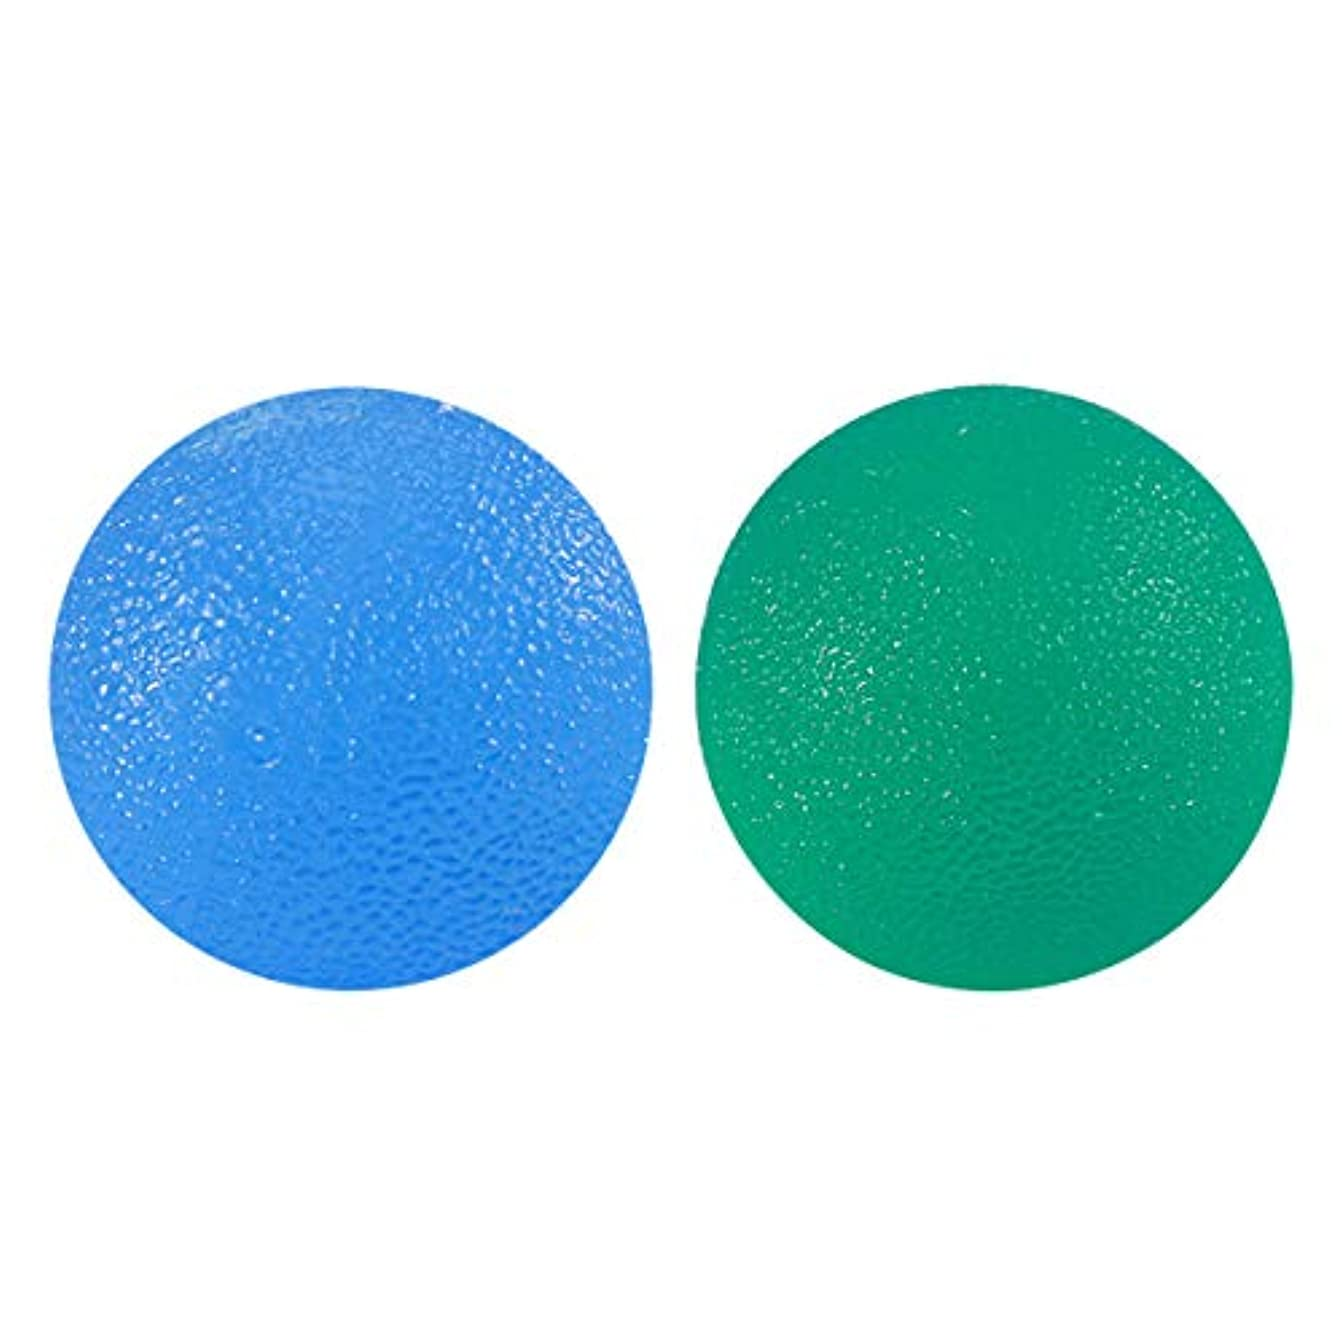 セラーコンピューターアリHEALIFTY 2本の中国の健康運動マッサージボールのストレスは、手の運動(緑と青)